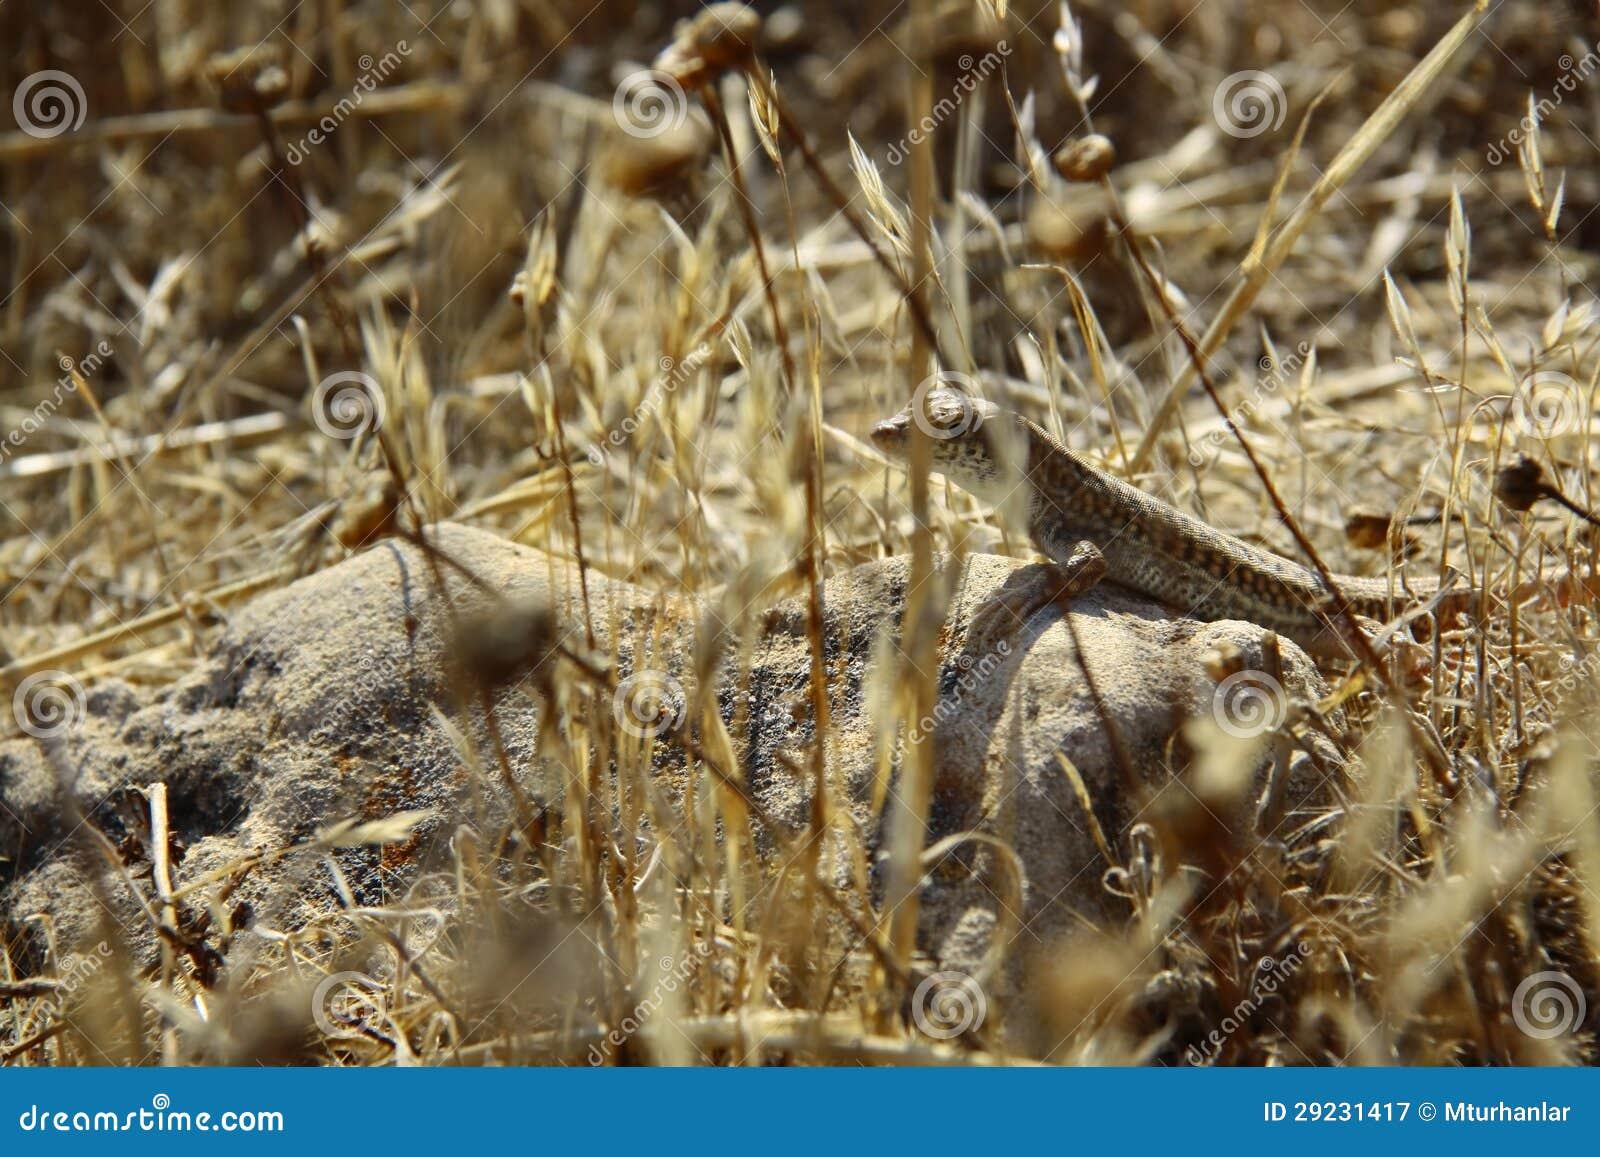 Download Lagarto na rocha imagem de stock. Imagem de animal, grama - 29231417